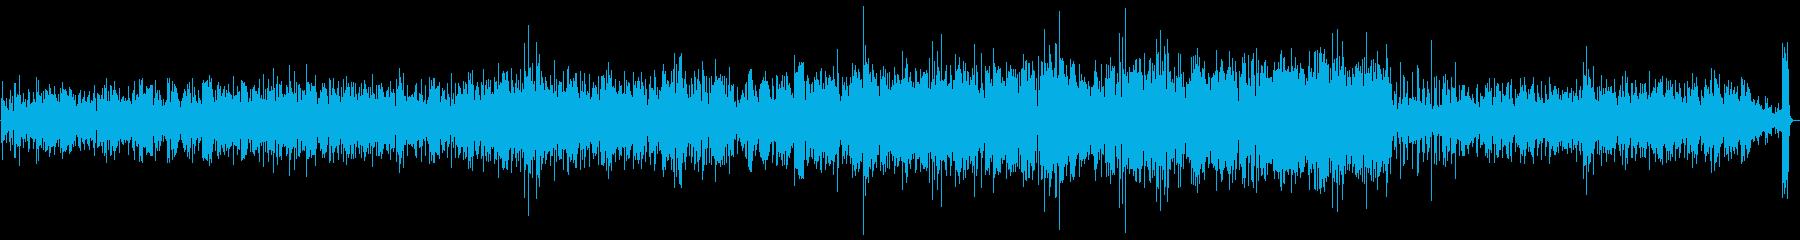 ソフト/スムースジャズ、モダンジャ...の再生済みの波形